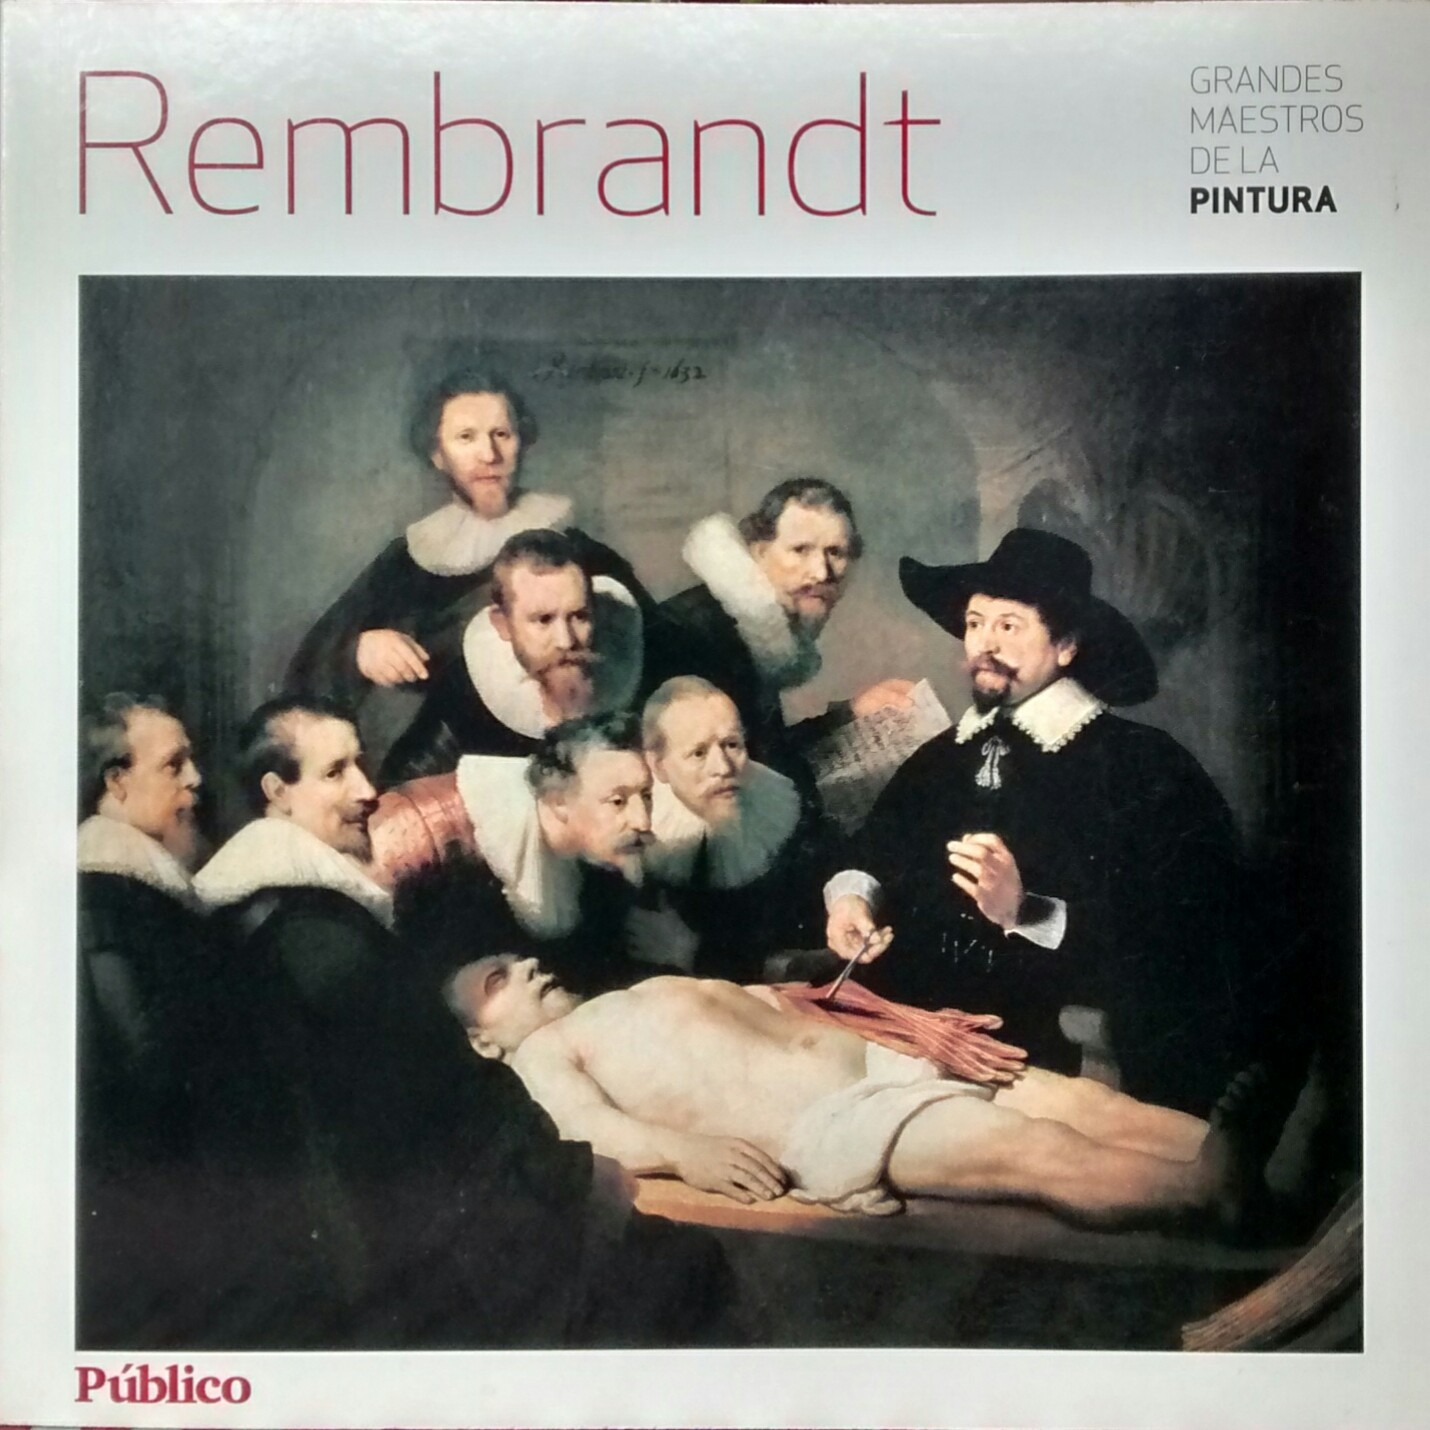 Grandes Maestros de la Pintura: Rembrandt